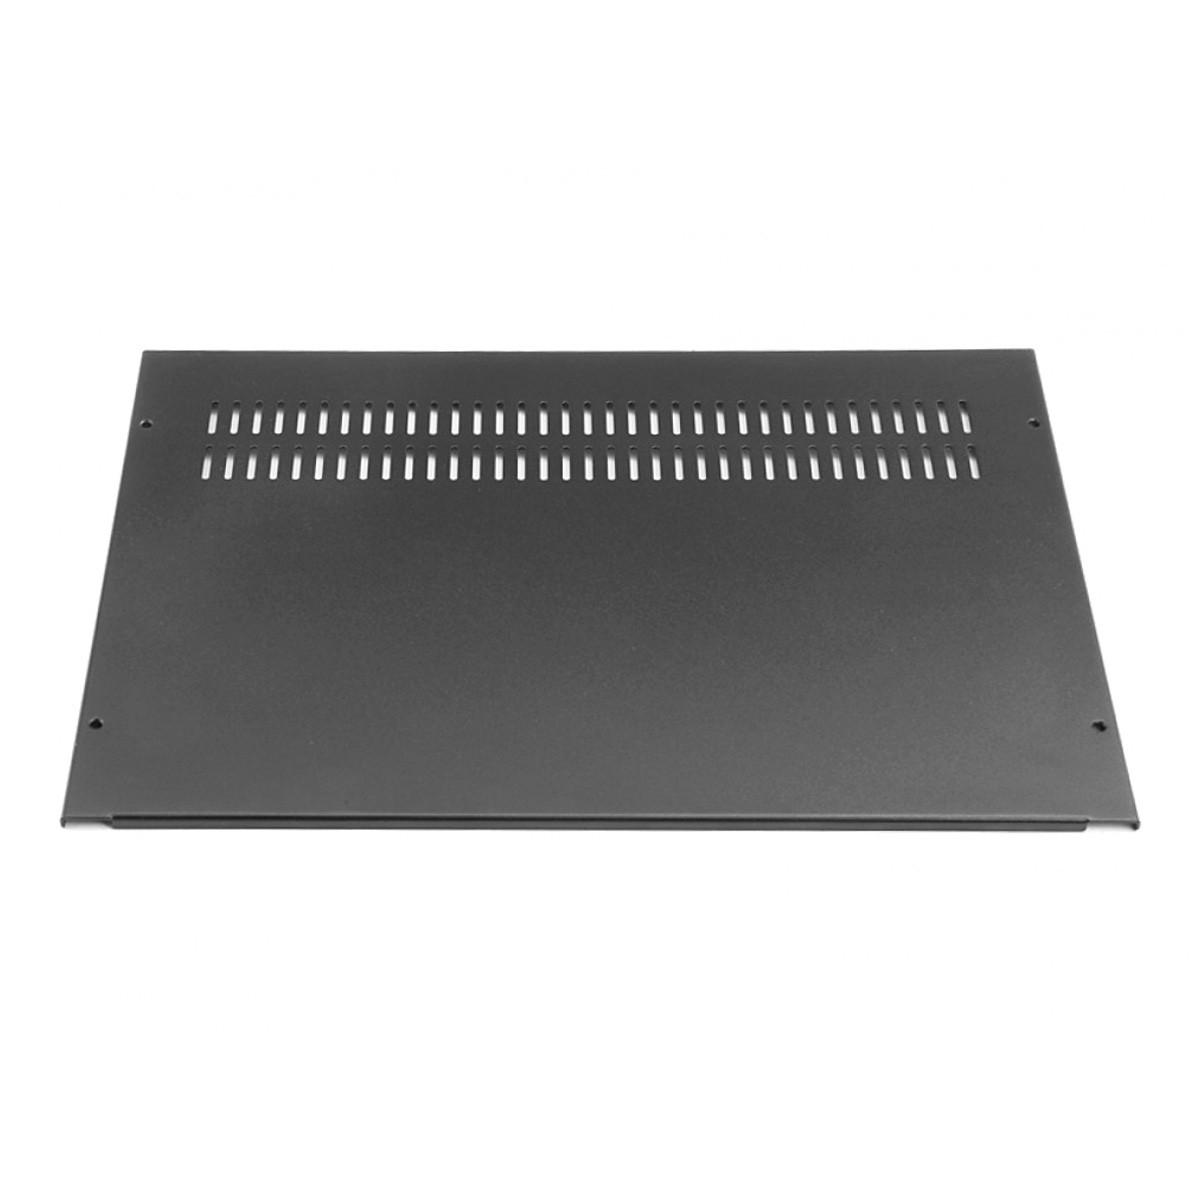 HIFI 2000 Metal Cover for Galaxy GX343 / GX383 Housing